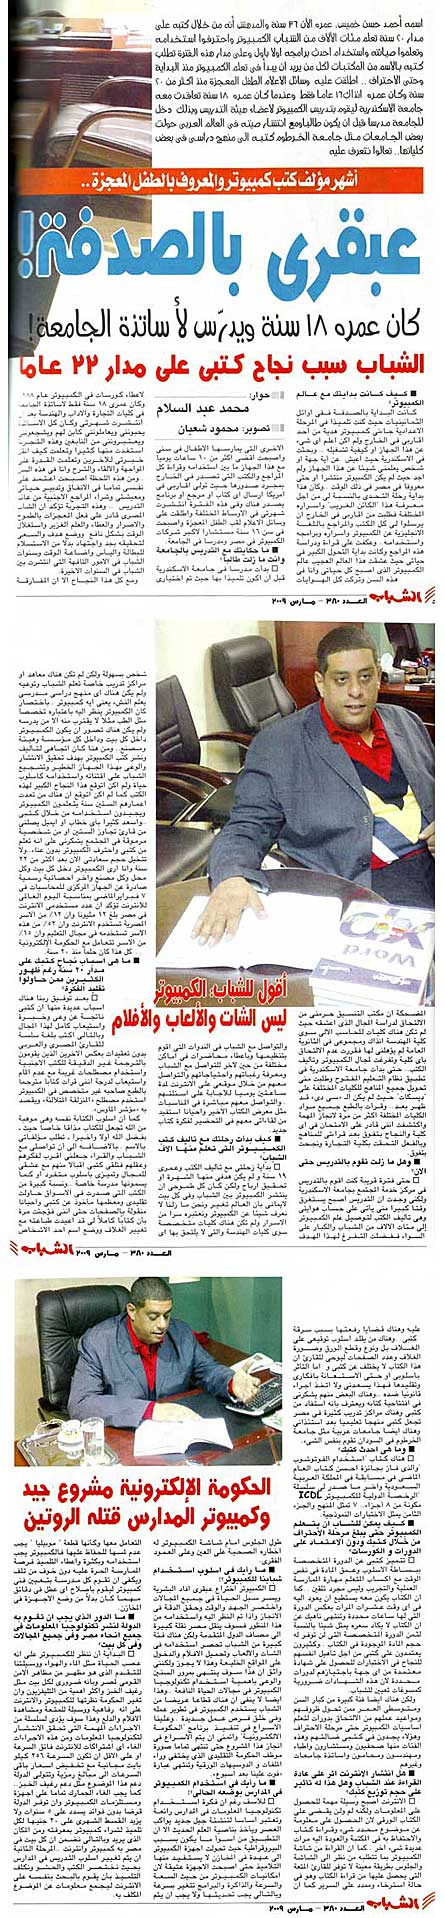 لقاء مع احمد خميس اشهر مؤلف لكتب الكمبيوتر Shabab10